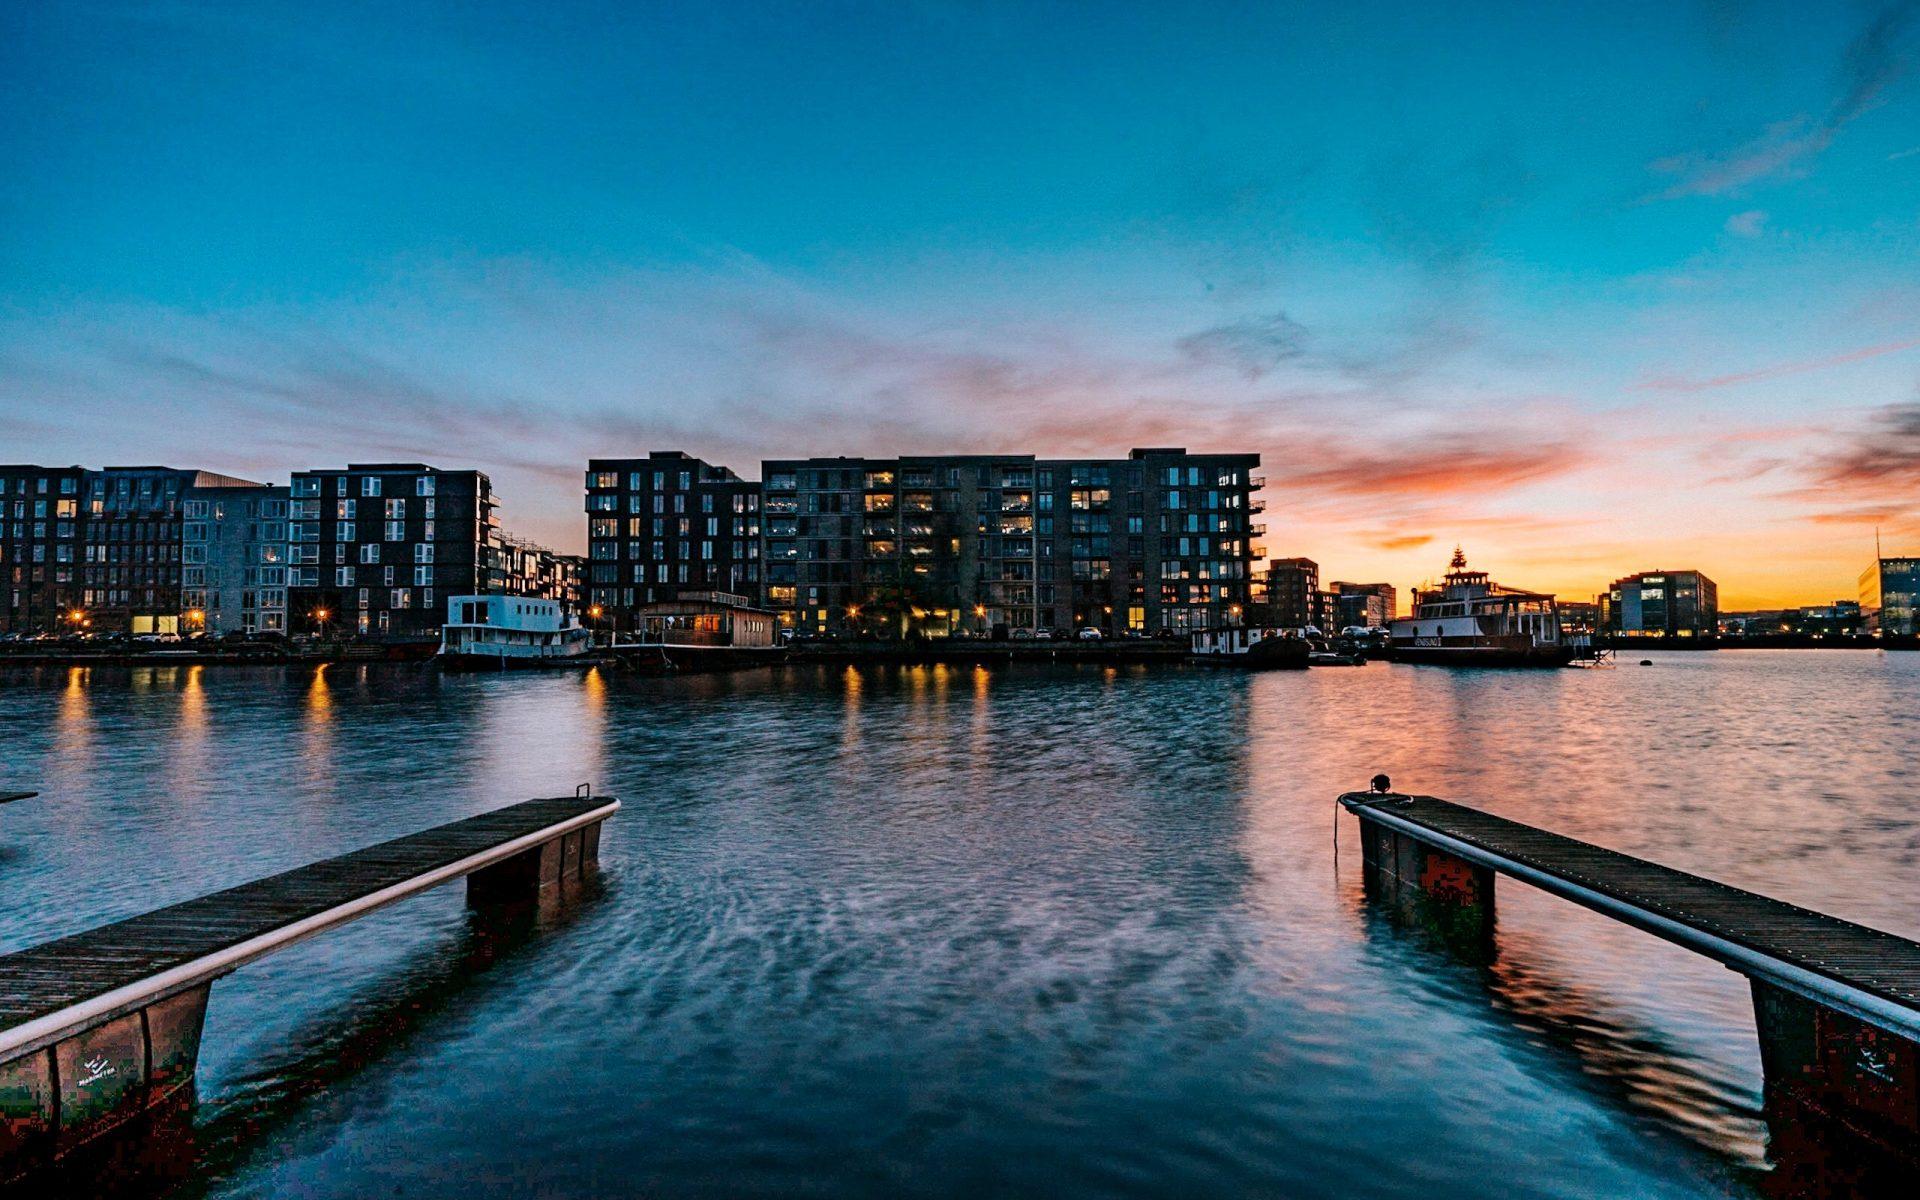 kulturhavn365_fernisering-paa-fotos-af-sluseholmen01